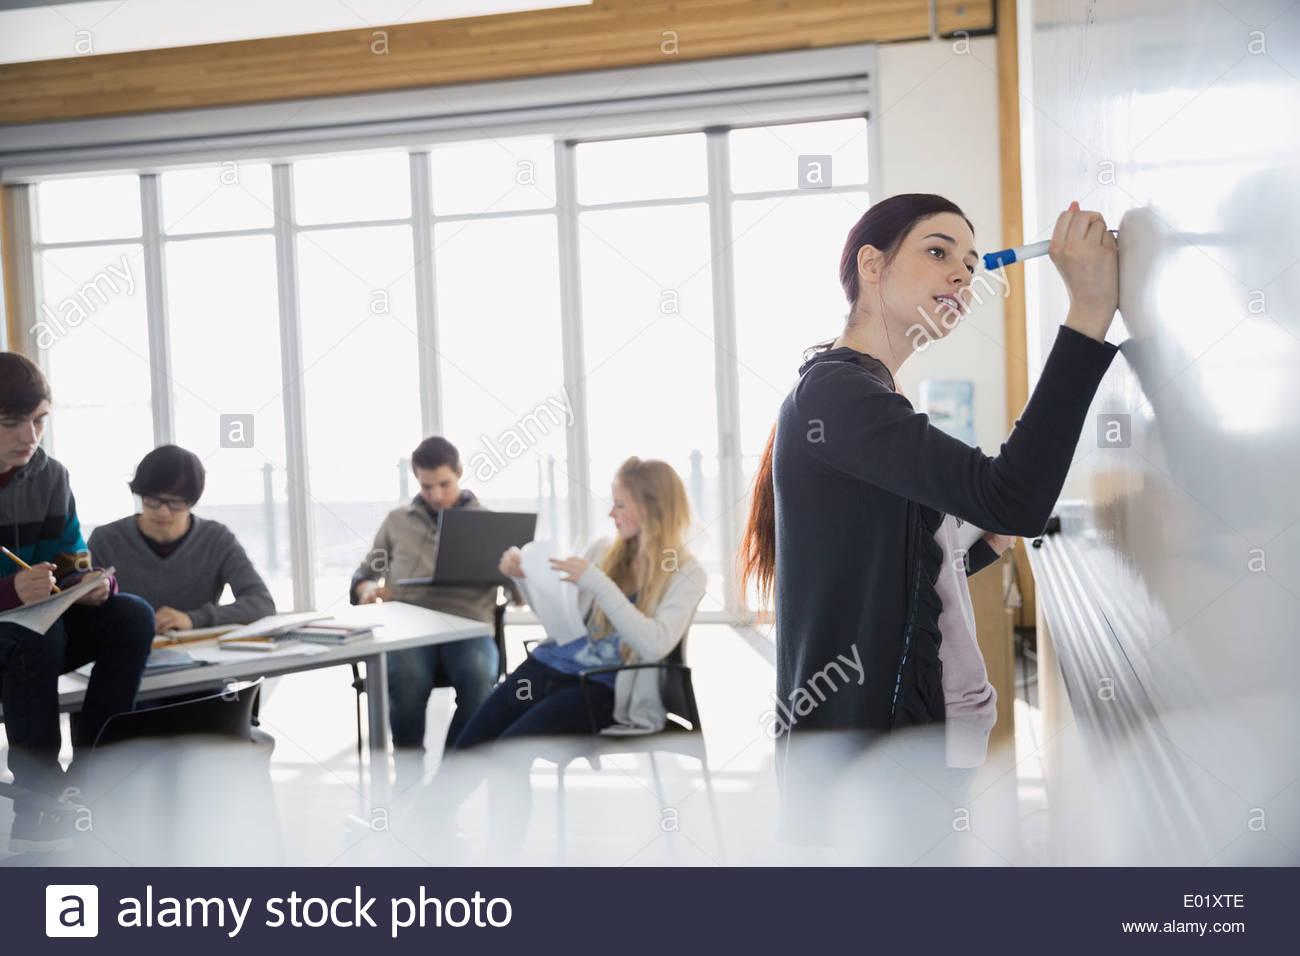 Studente di scuola superiore a lavagna in aula Immagini Stock